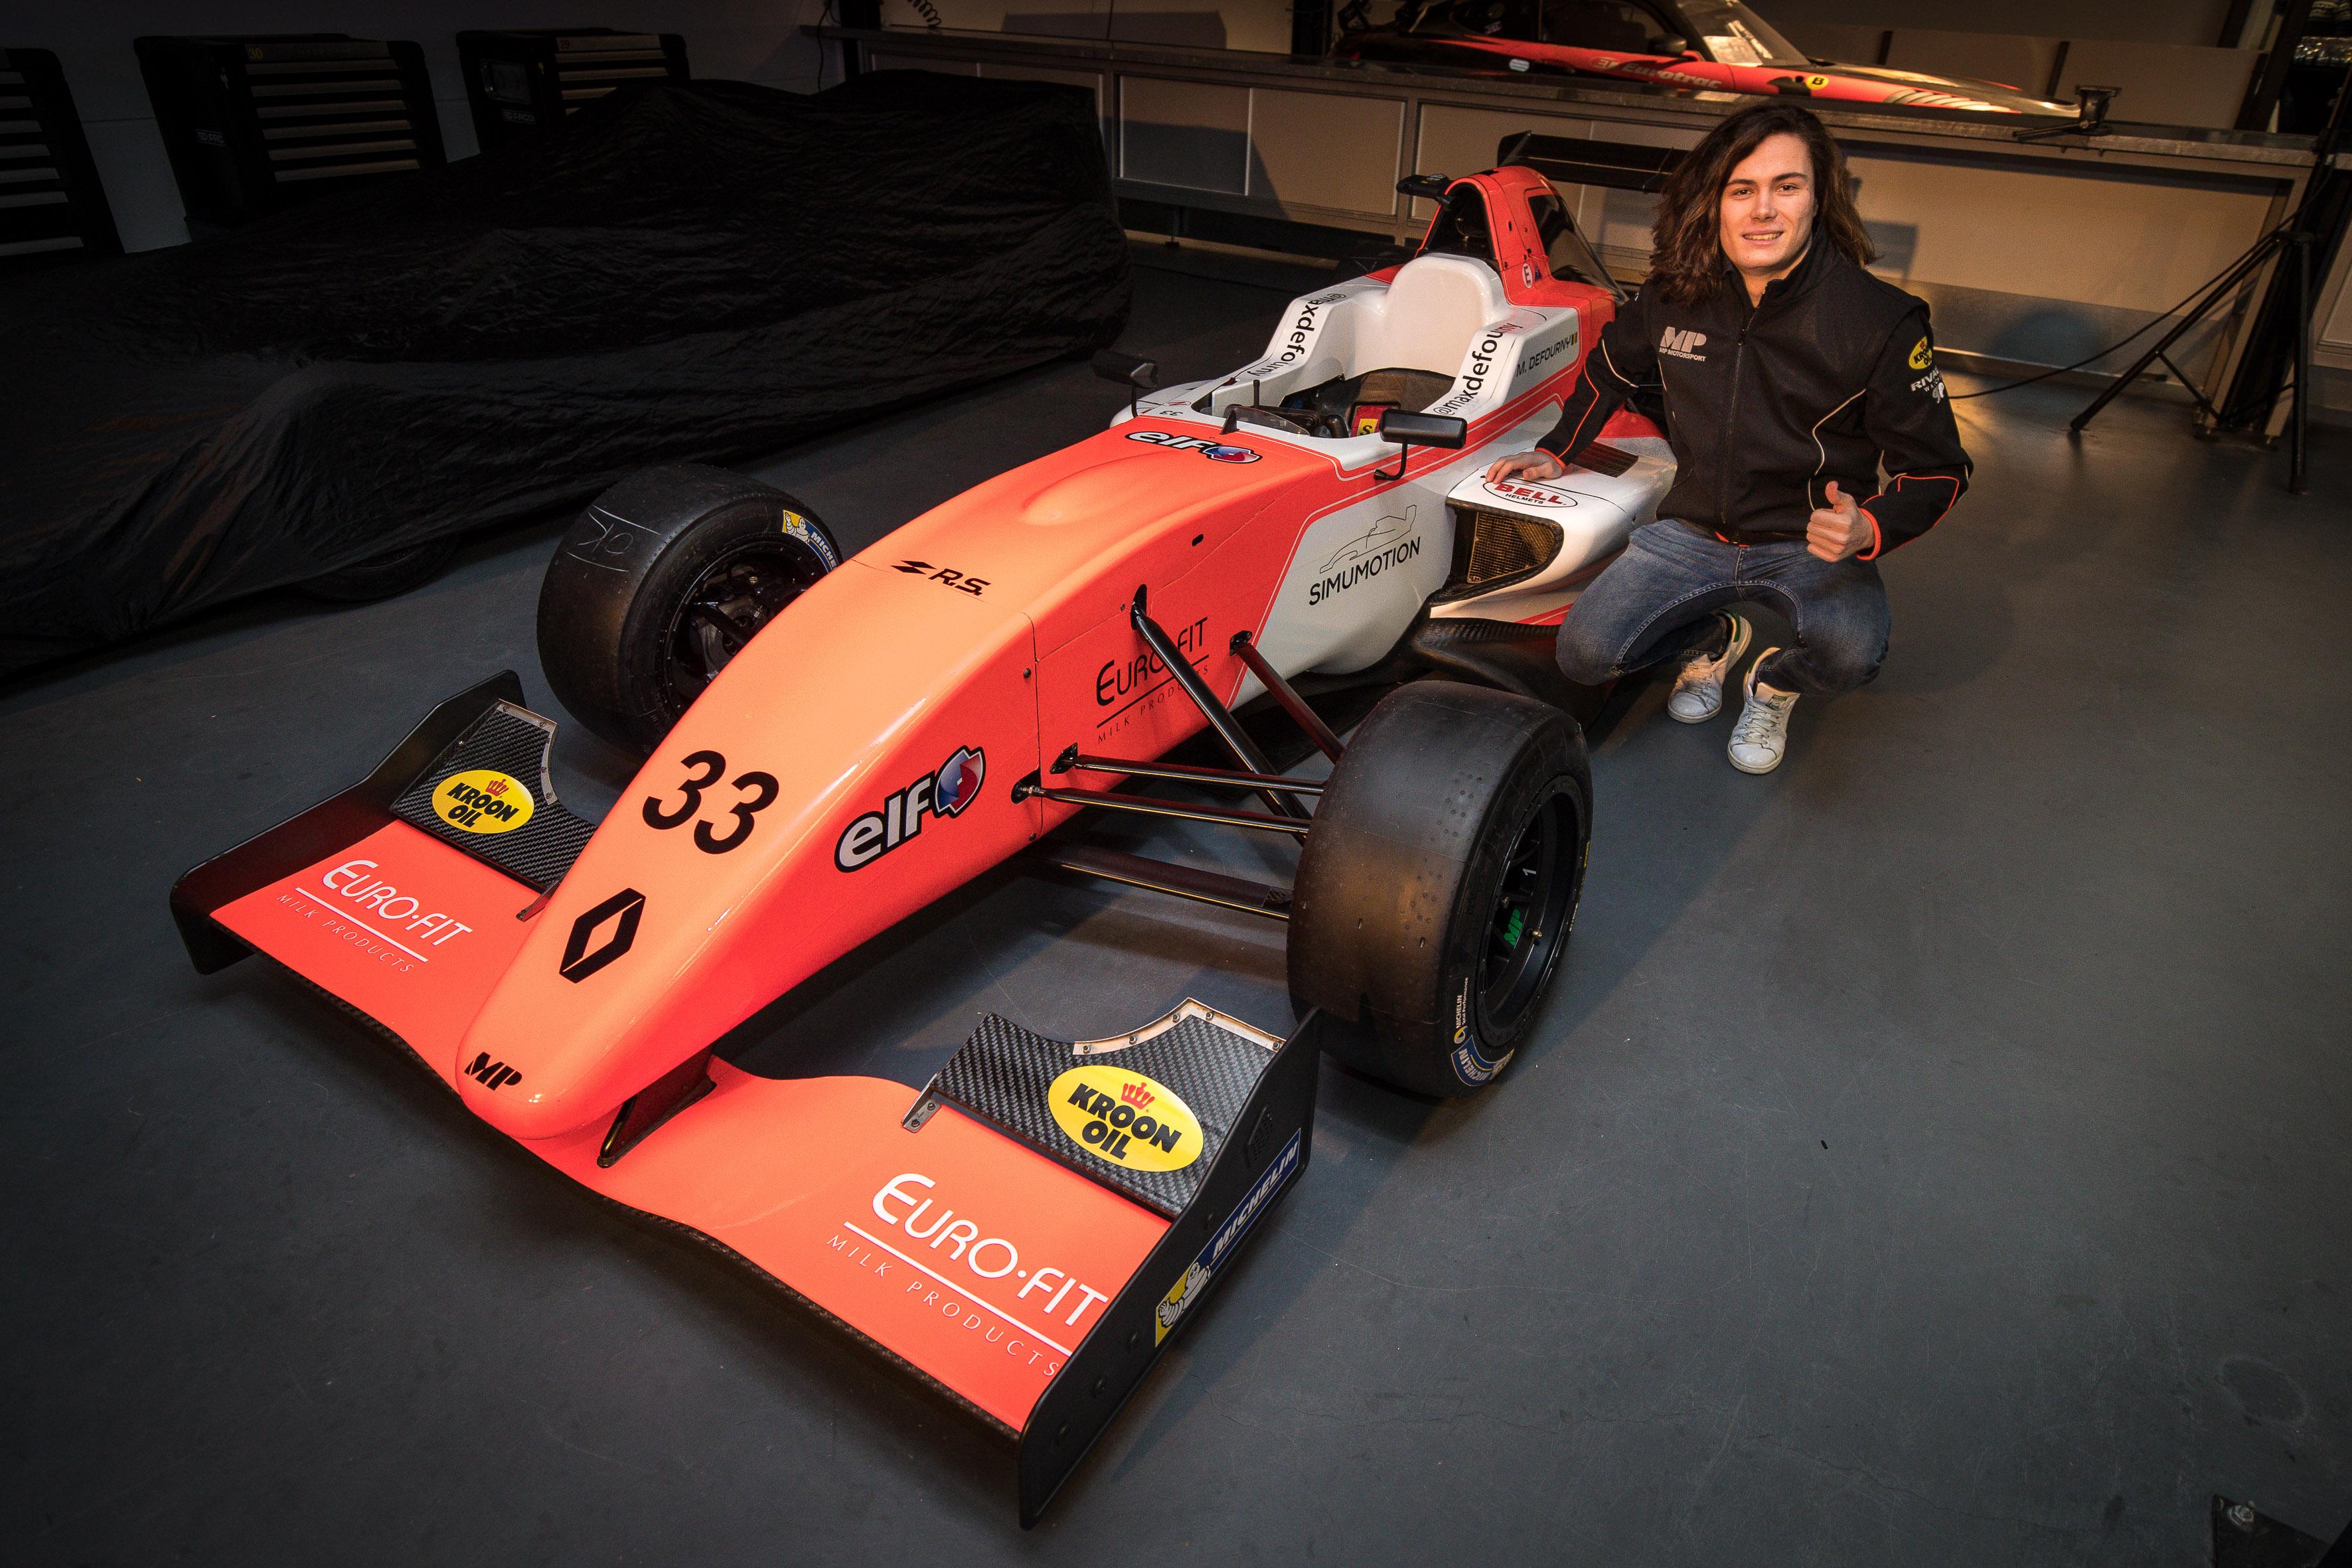 Max Defourny tekent bij MP Motorsport voor seizoen in Eurocup formule renault 2.0